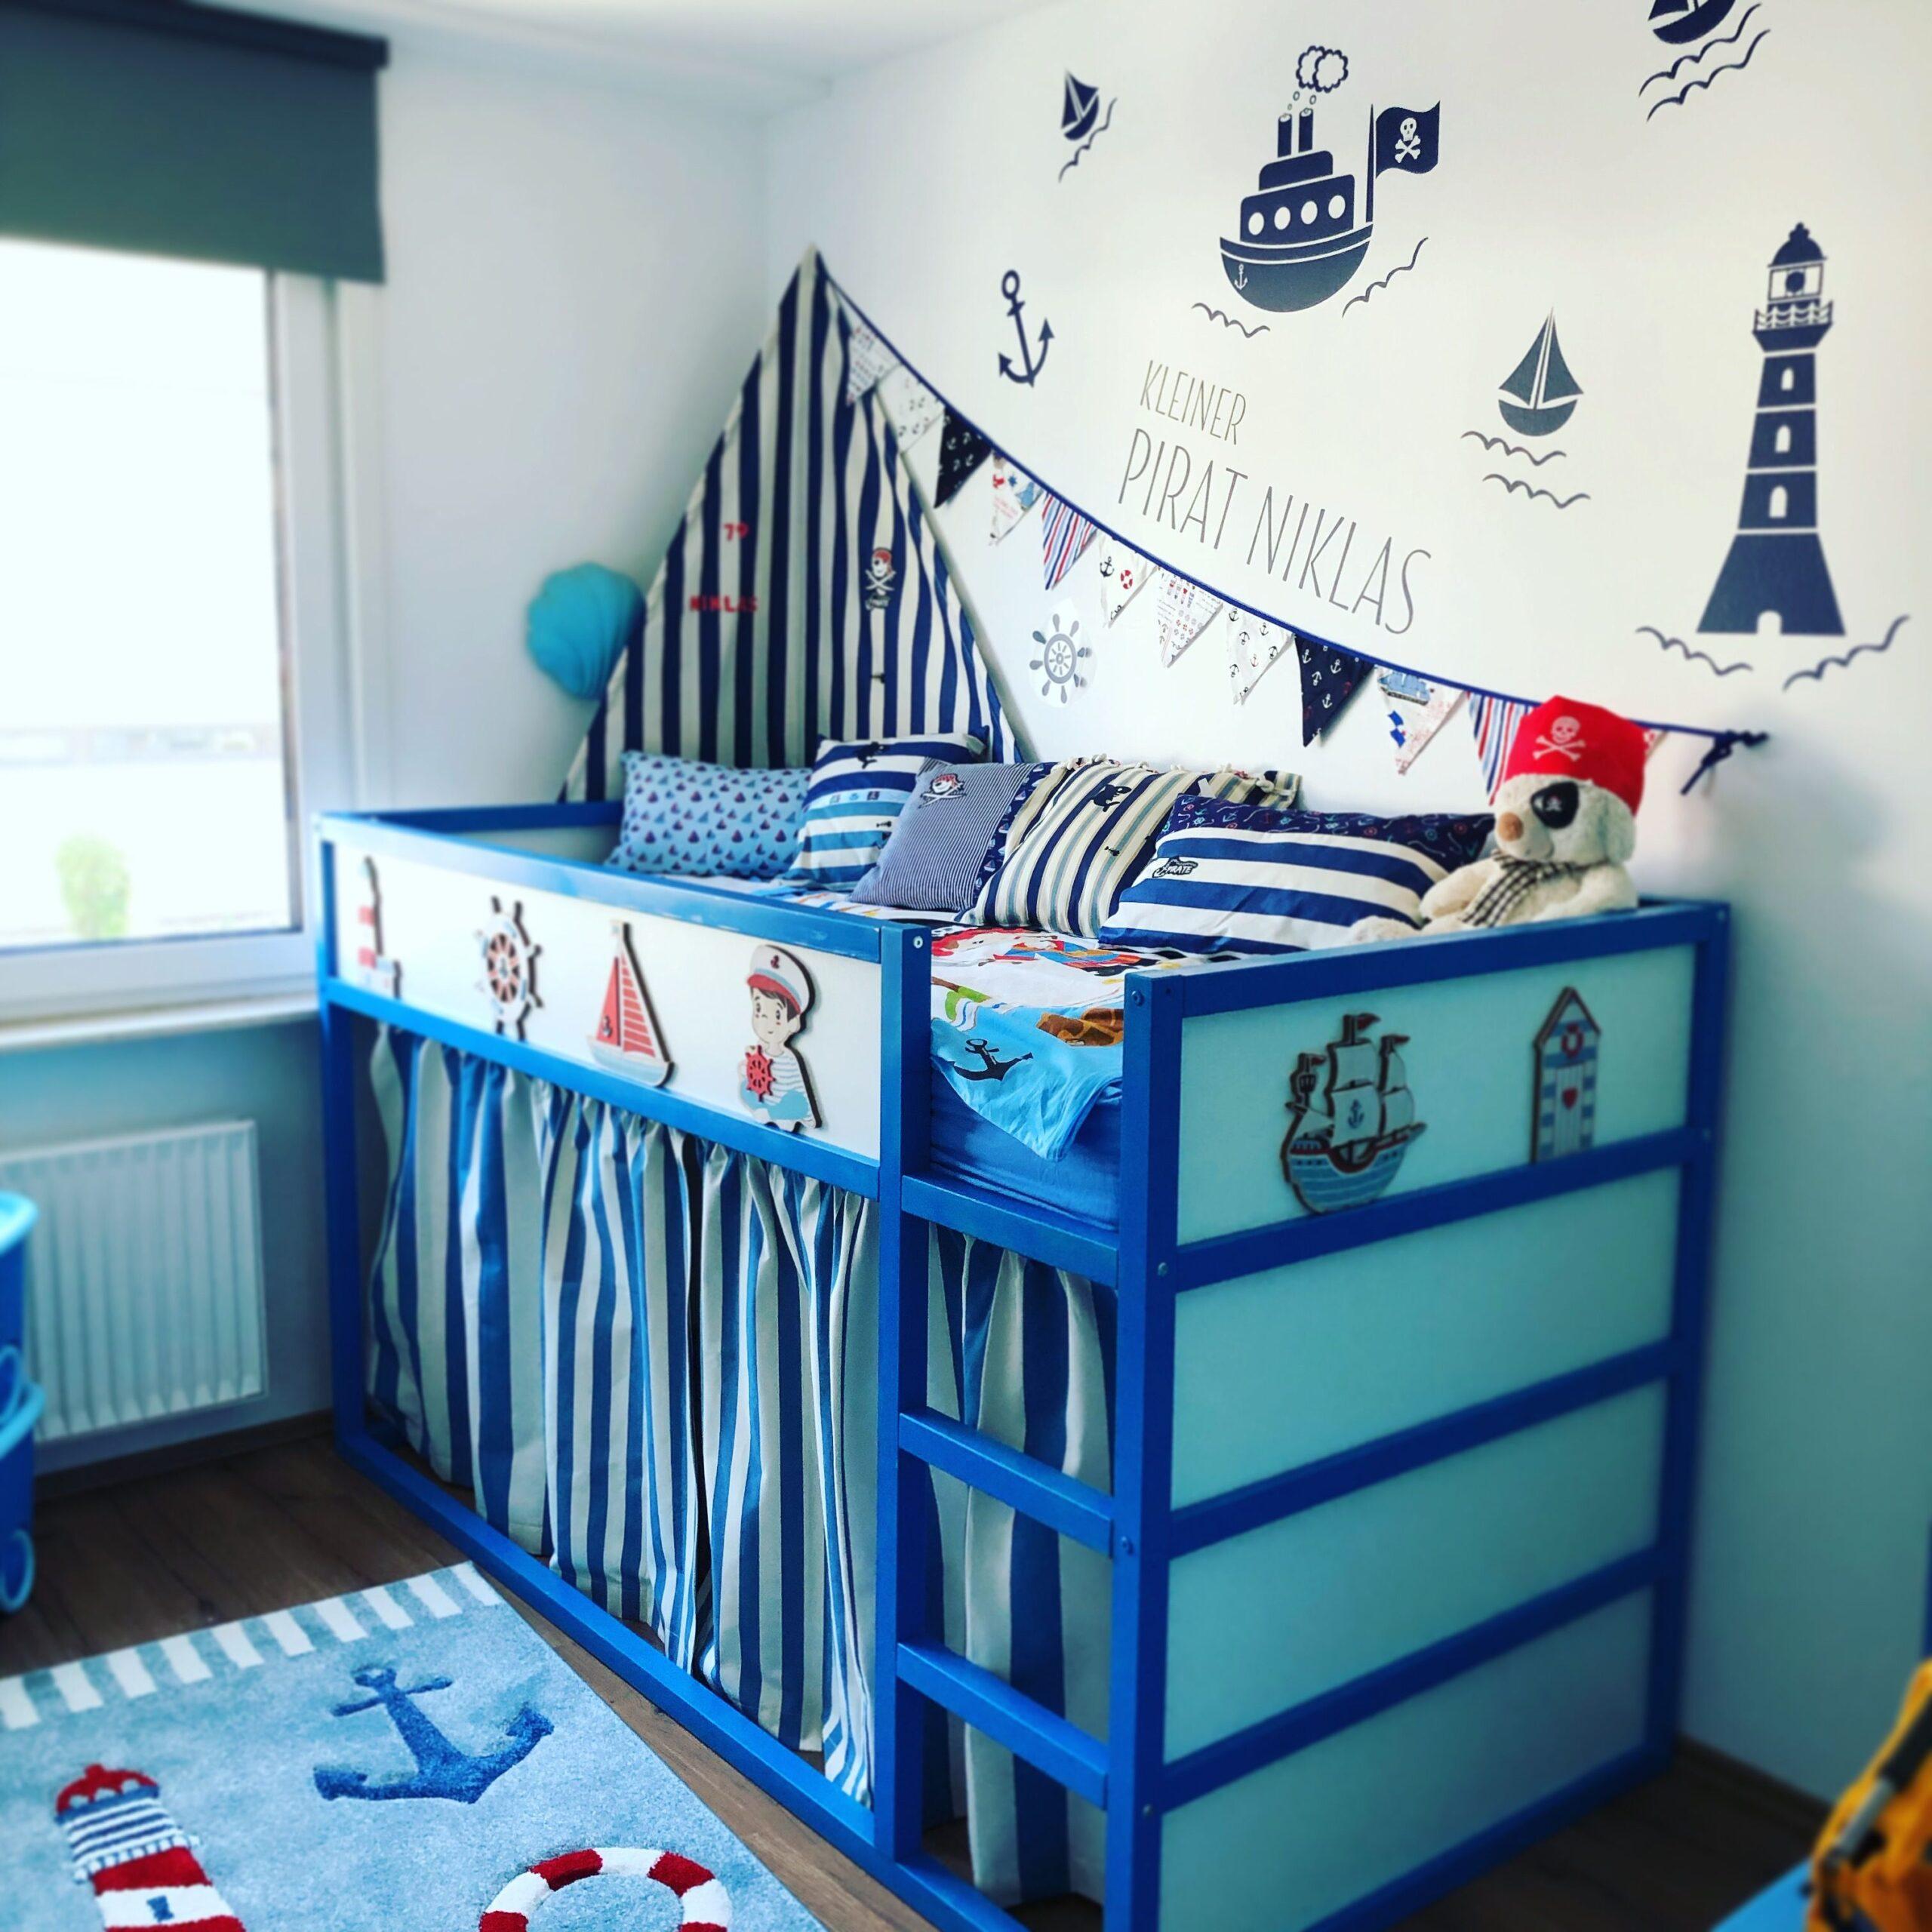 Full Size of Kinderzimmer Ideen Jungs 5 Jahre Deko Junge Diy 8 2 Jungen Bett Pirat Maritim Zimmer Regal Sofa Regale Weiß Kinderzimmer Kinderzimmer Jungs